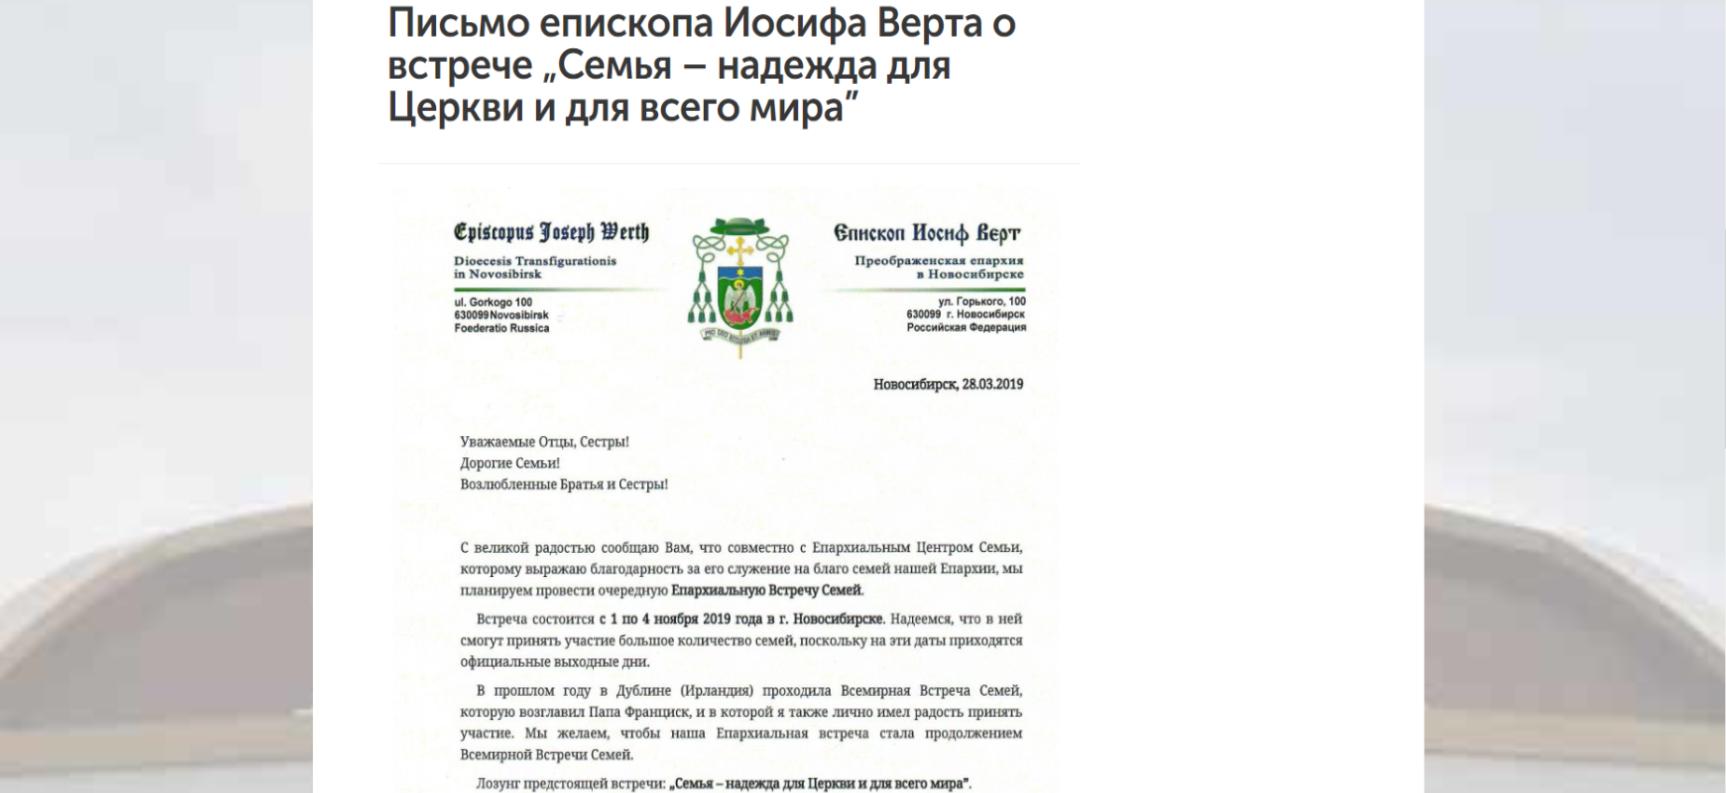 Под Новосибирском проходит встреча семей Преображенской епархии